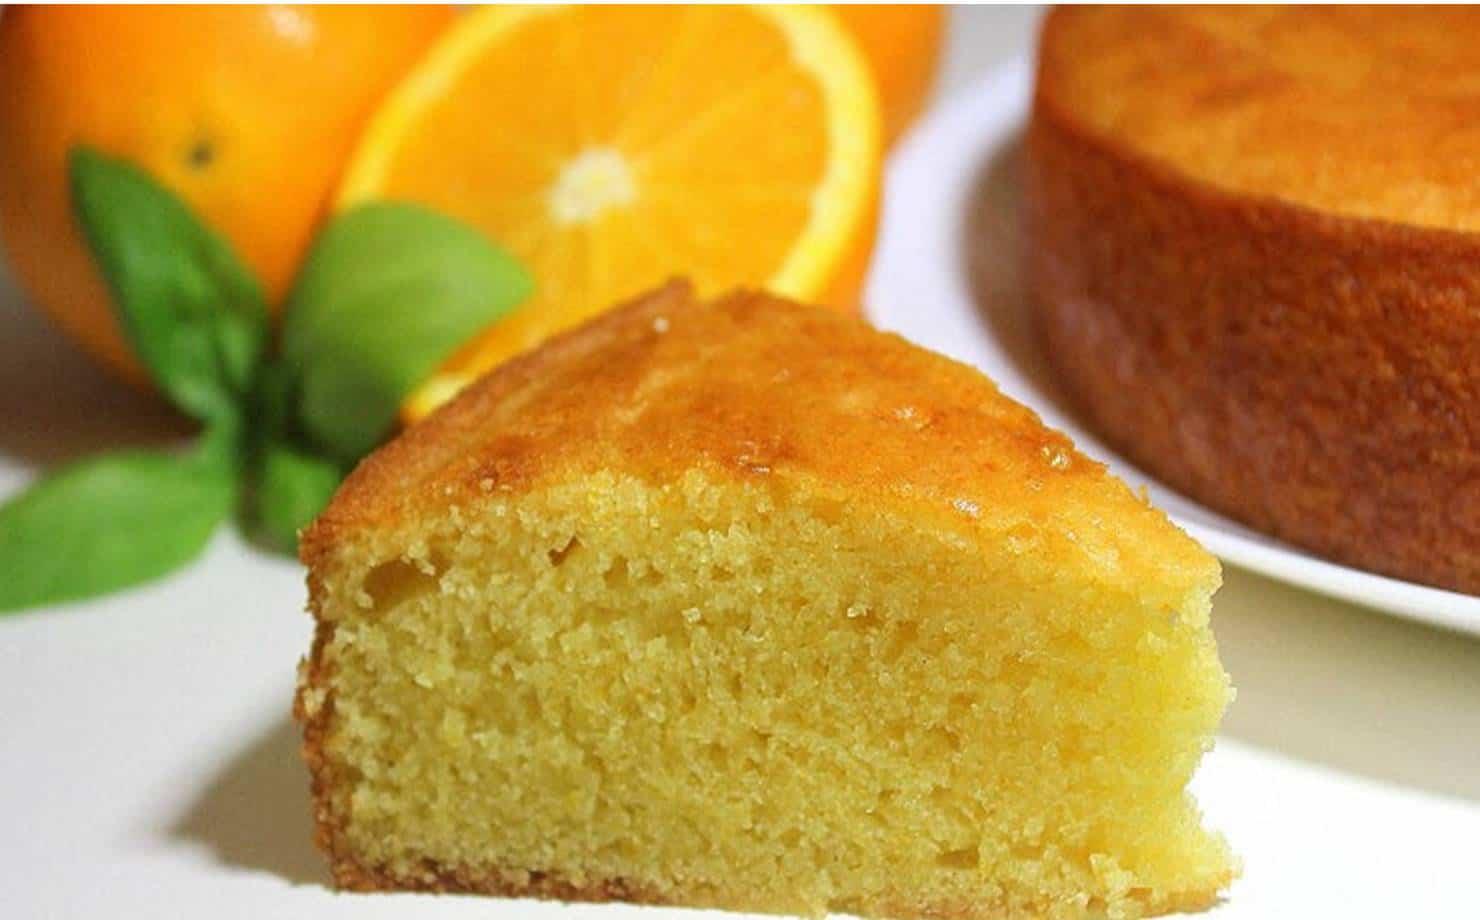 Aprenda a preparar um bolo de laranja irresistível sem farinha